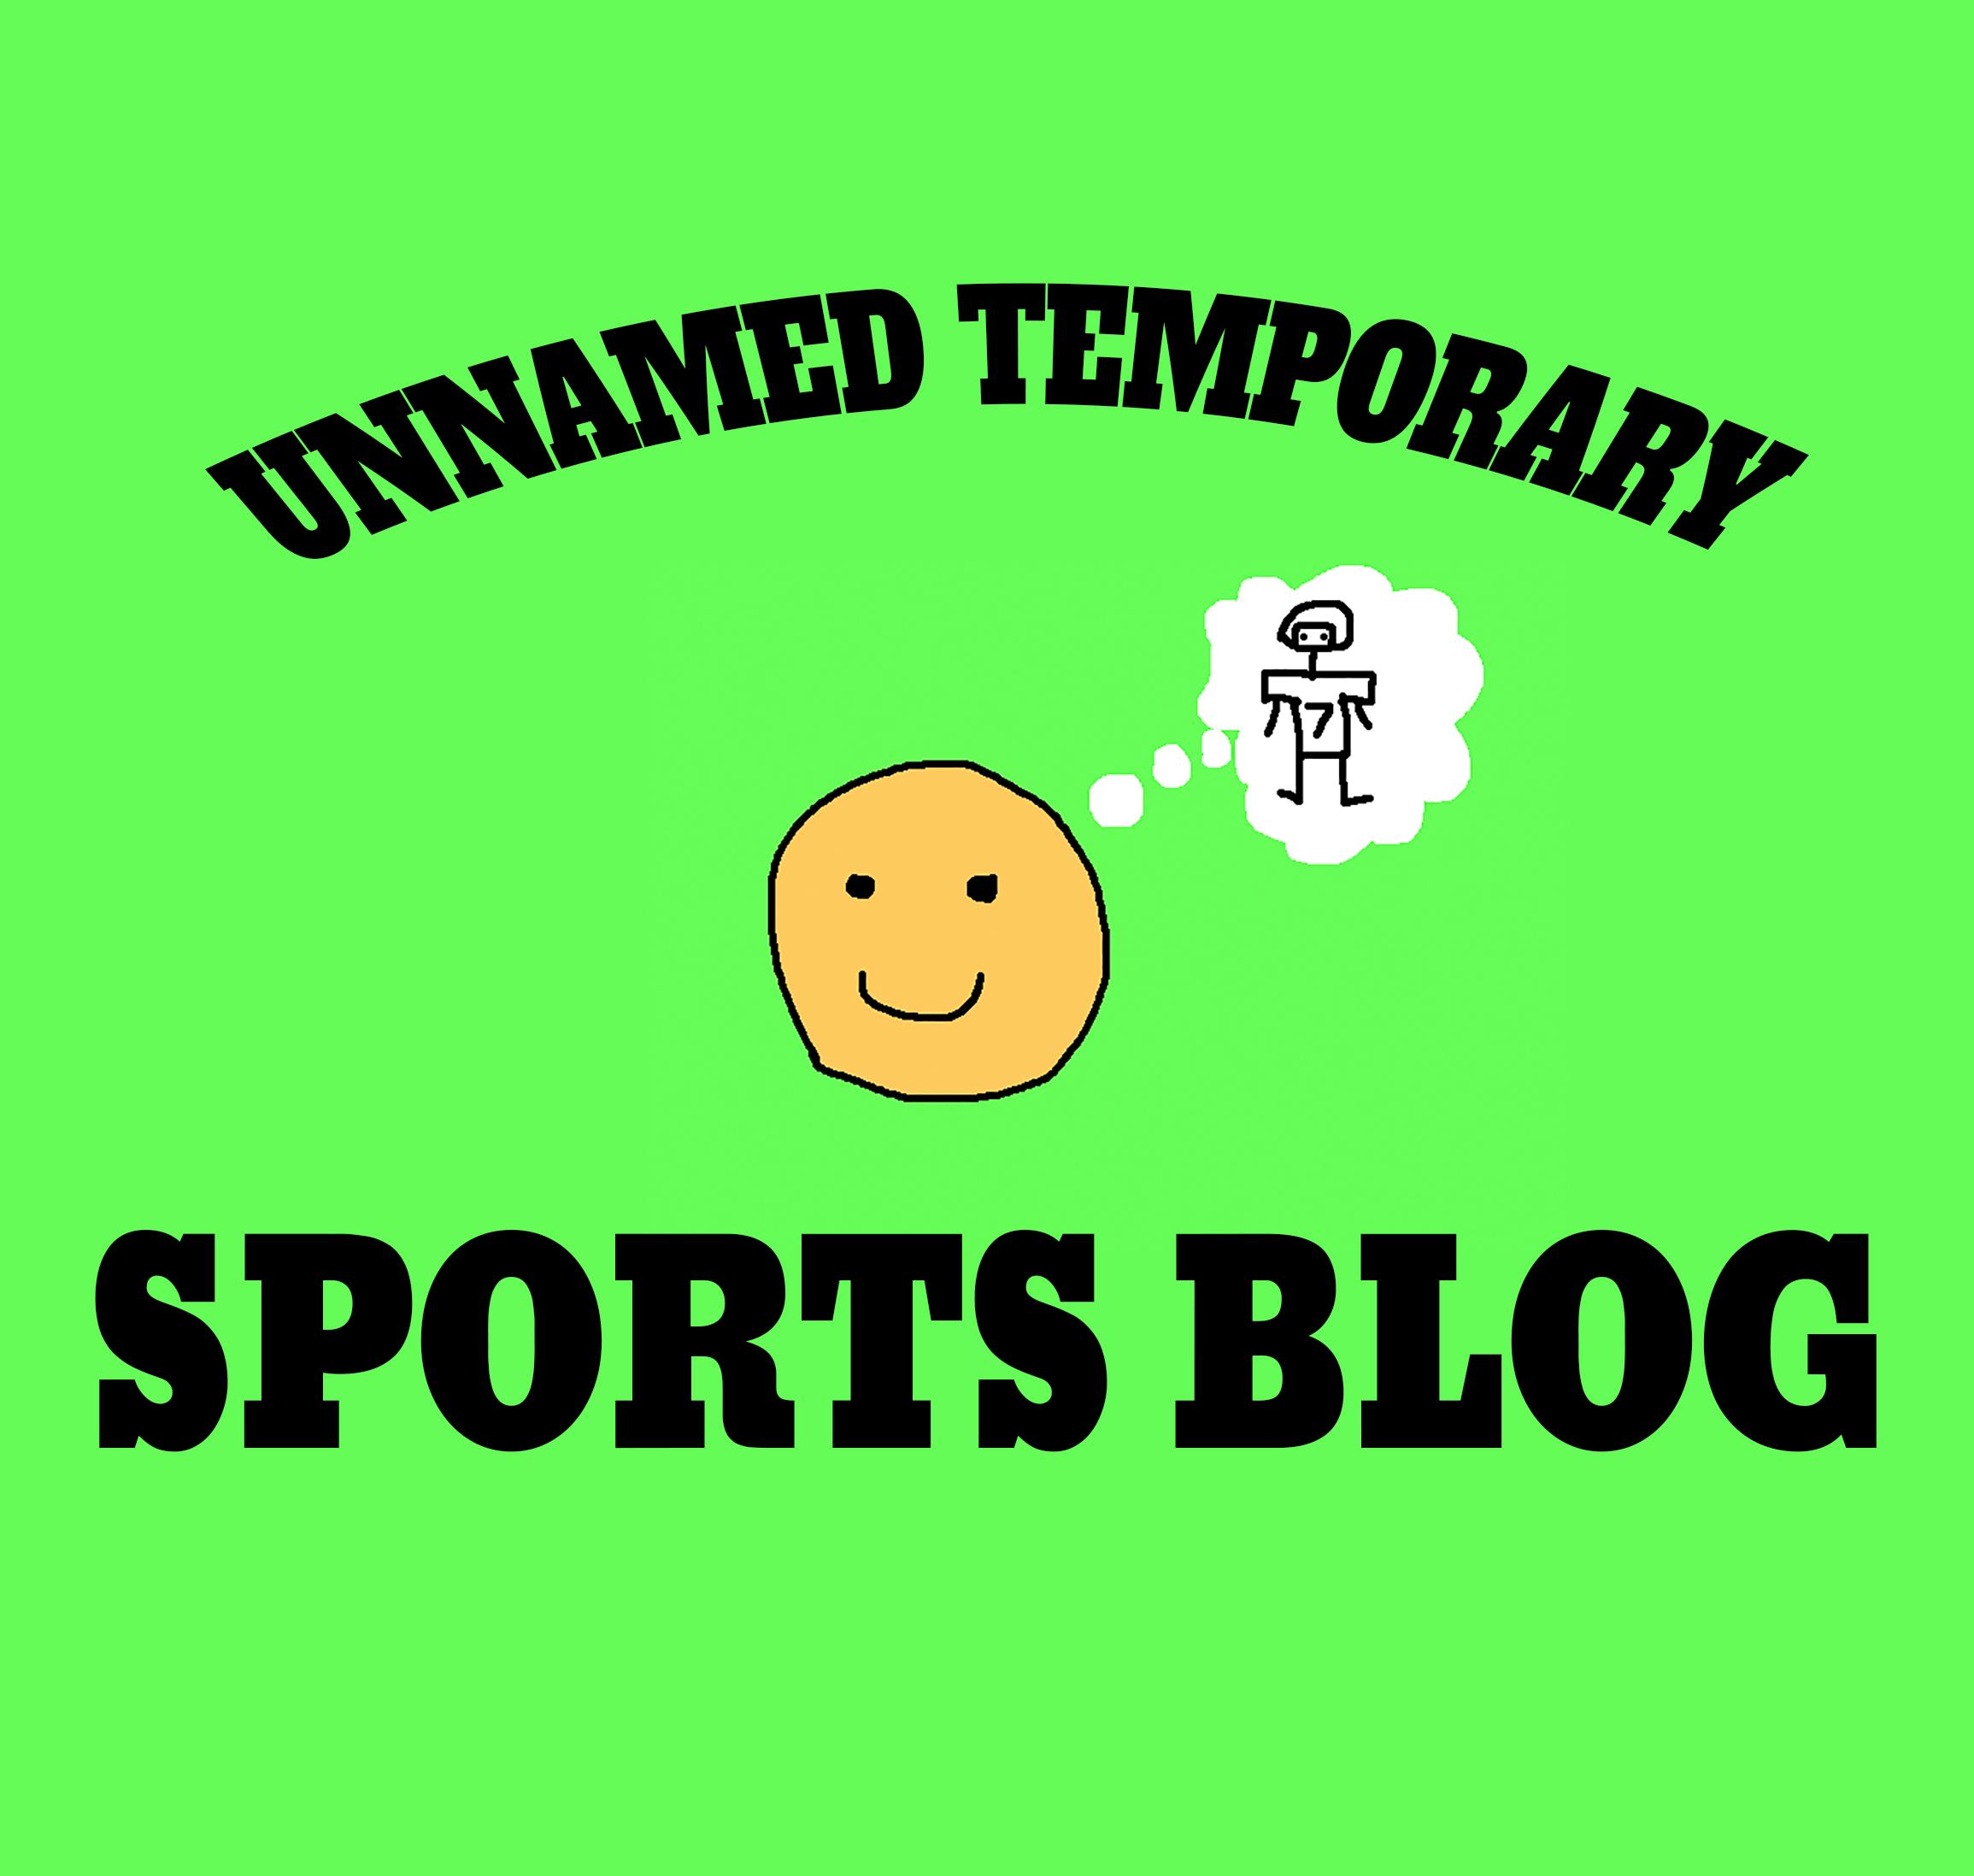 unnamedtemporarysportsblog.com